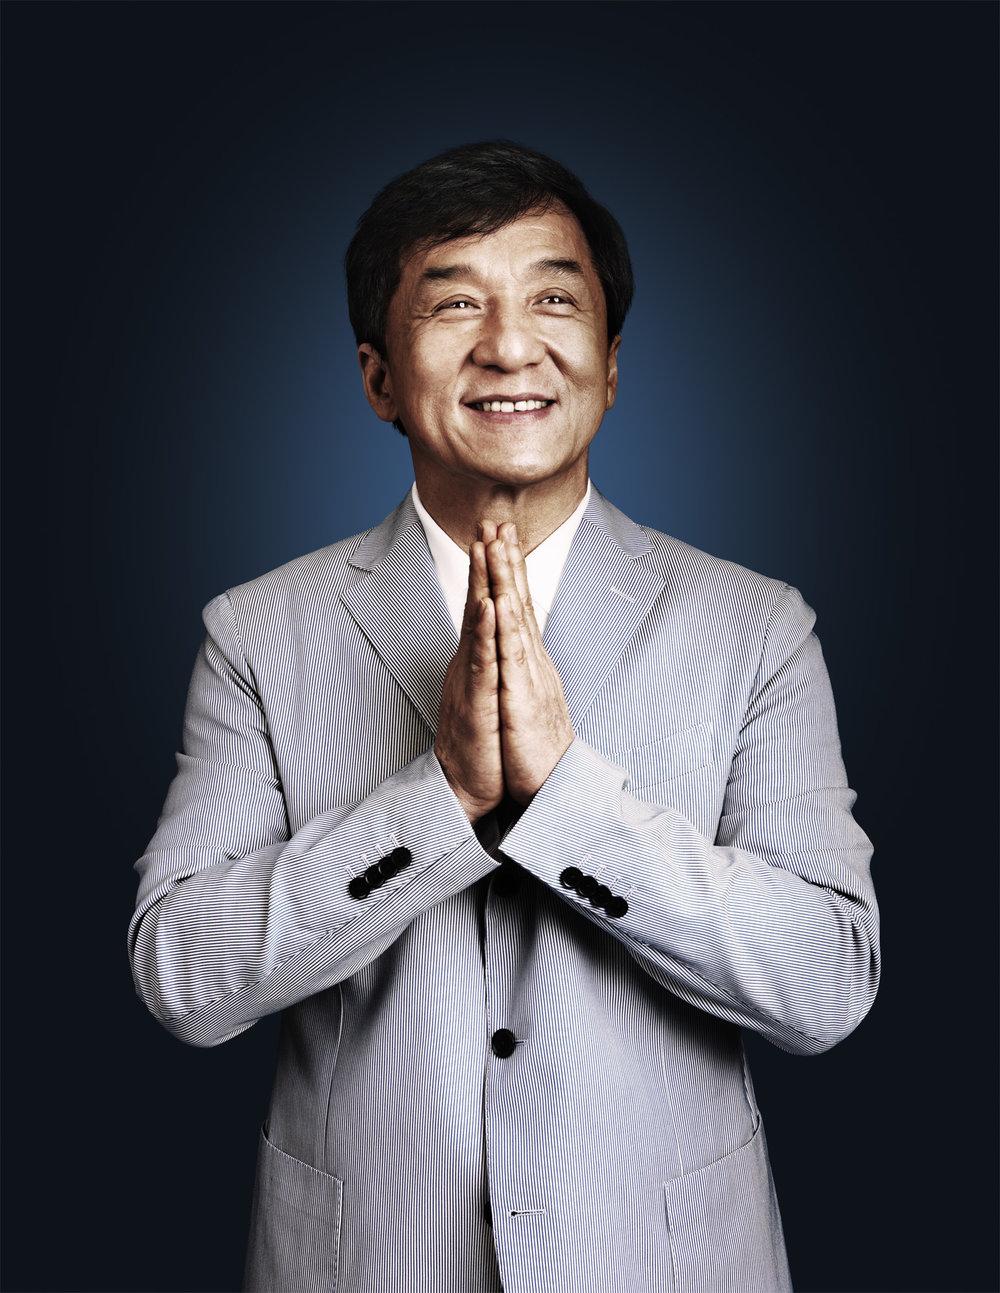 Jackie_Chan_1.jpg